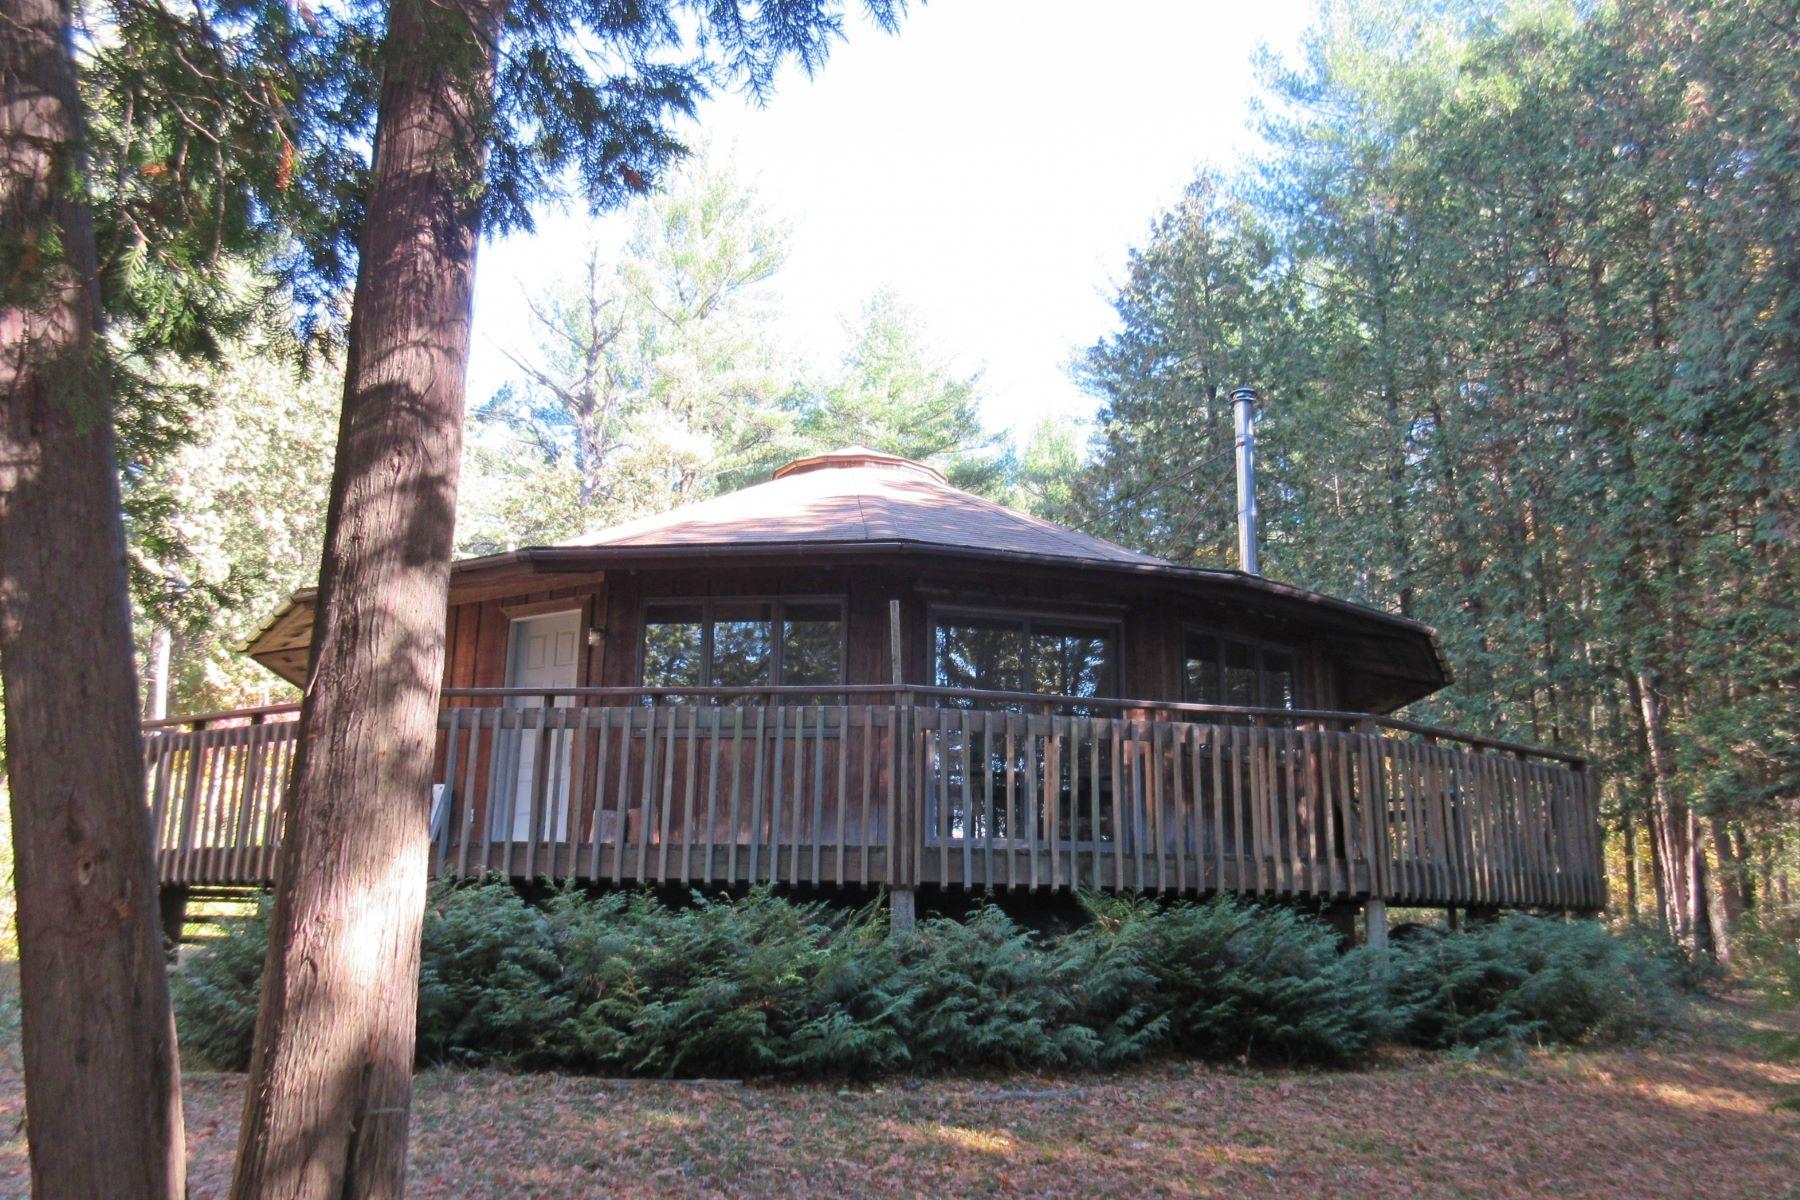 独户住宅 为 销售 在 132 Owl's Head Harbor Road, Addison 132 Owl's Head Harbor Rd 爱迪生, 佛蒙特州, 05491 美国